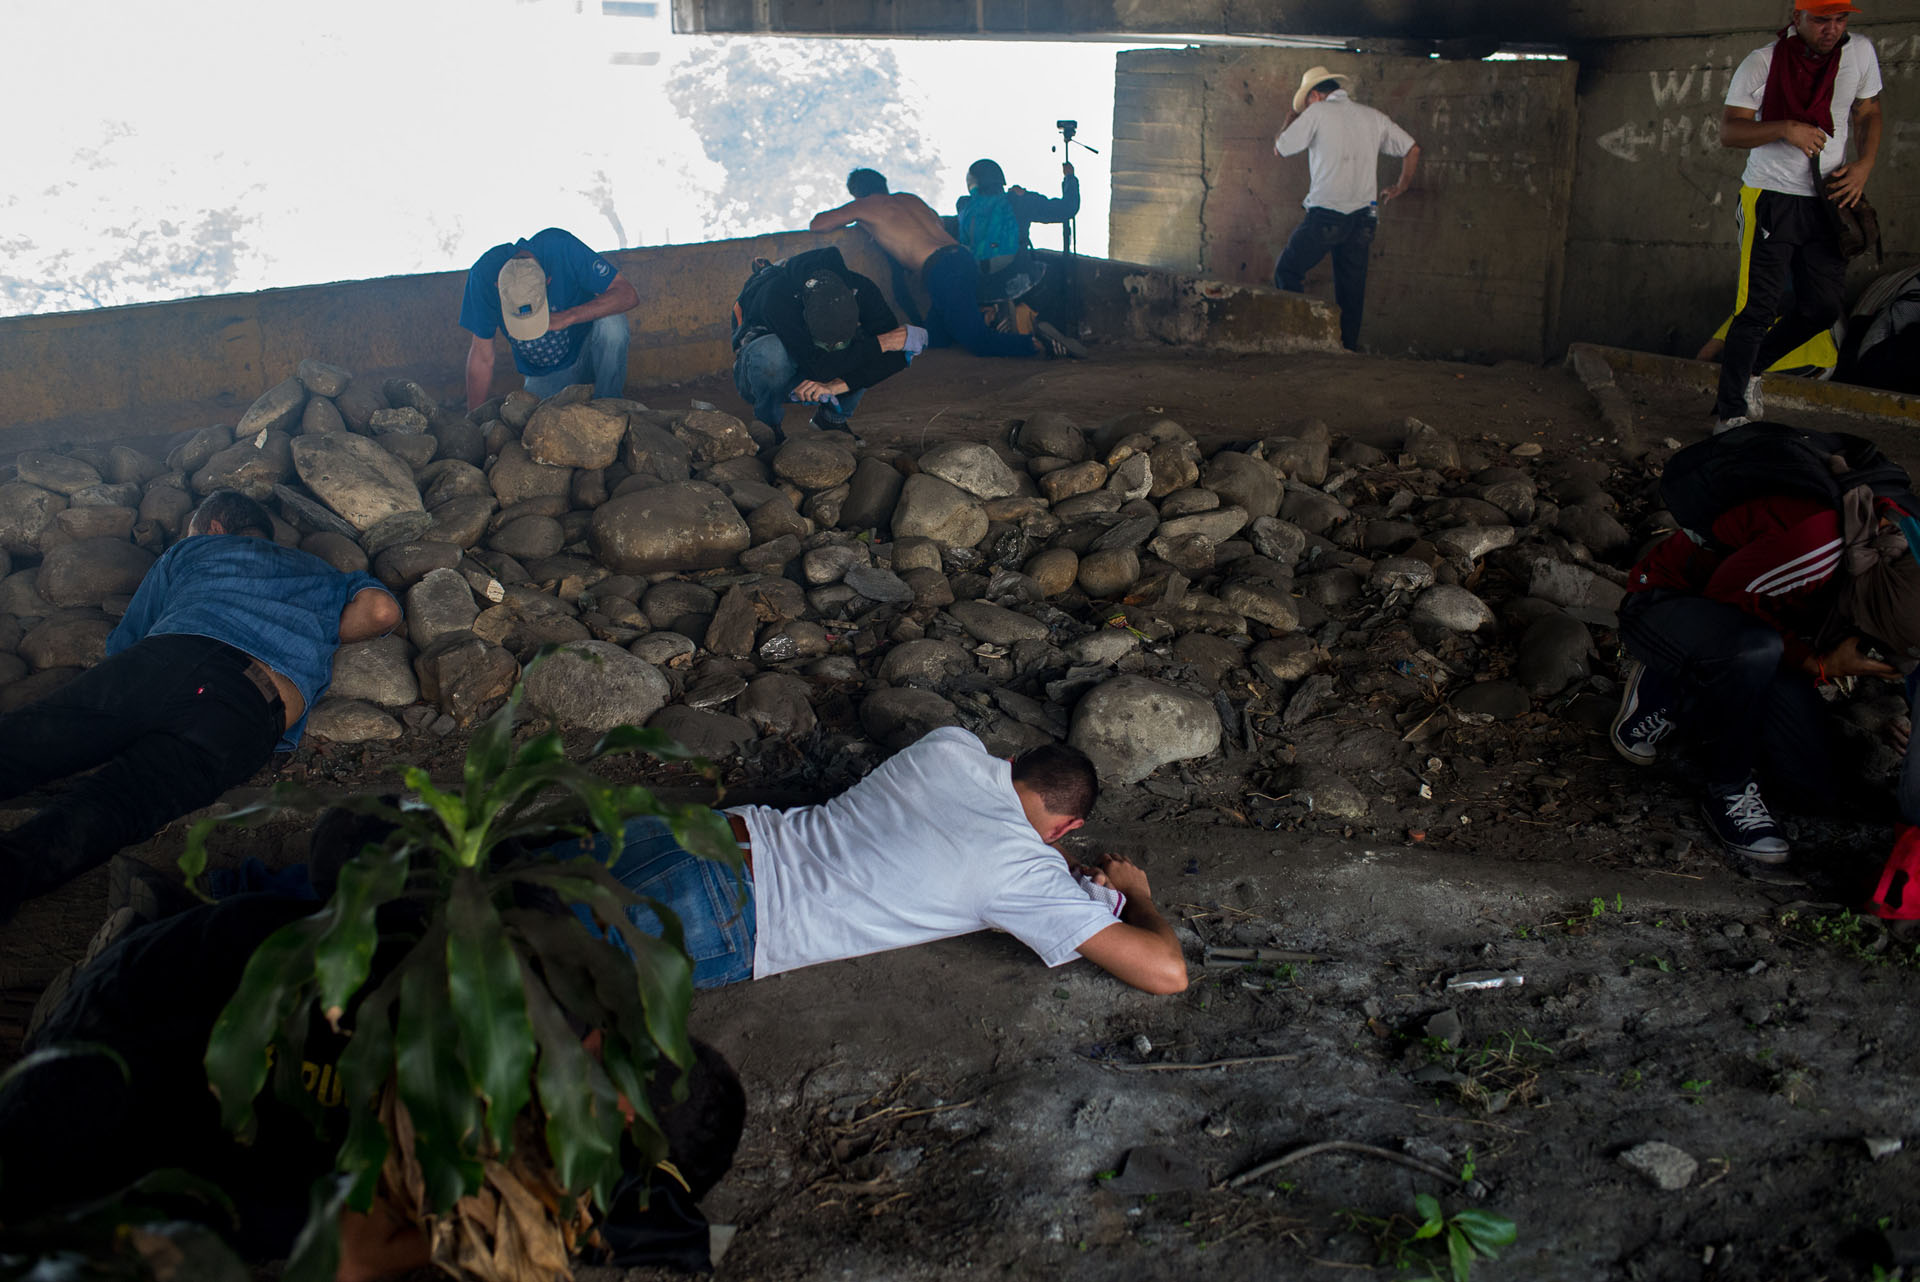 CAR01. CARACAS (VENEZUELA), 06/04/2017 - Manifestantes opositores se cubren del gas lacrimógeno durante una manifestación de opositores al gobierno de Nicolás Maduro hoy, jueves 6 de abril de 2017, en Caracas (Venezuela). Dos fotógrafos de la Agencia EFE en Caracas resultaron hoy heridos durante una protesta opositora en Caracas cuando agentes de los cuerpos de seguridad dispararon a quemarropa contra ellos mientras cubrían gráficamente la manifestación en el este de la capital venezolana. EFE/Manaure Quintero